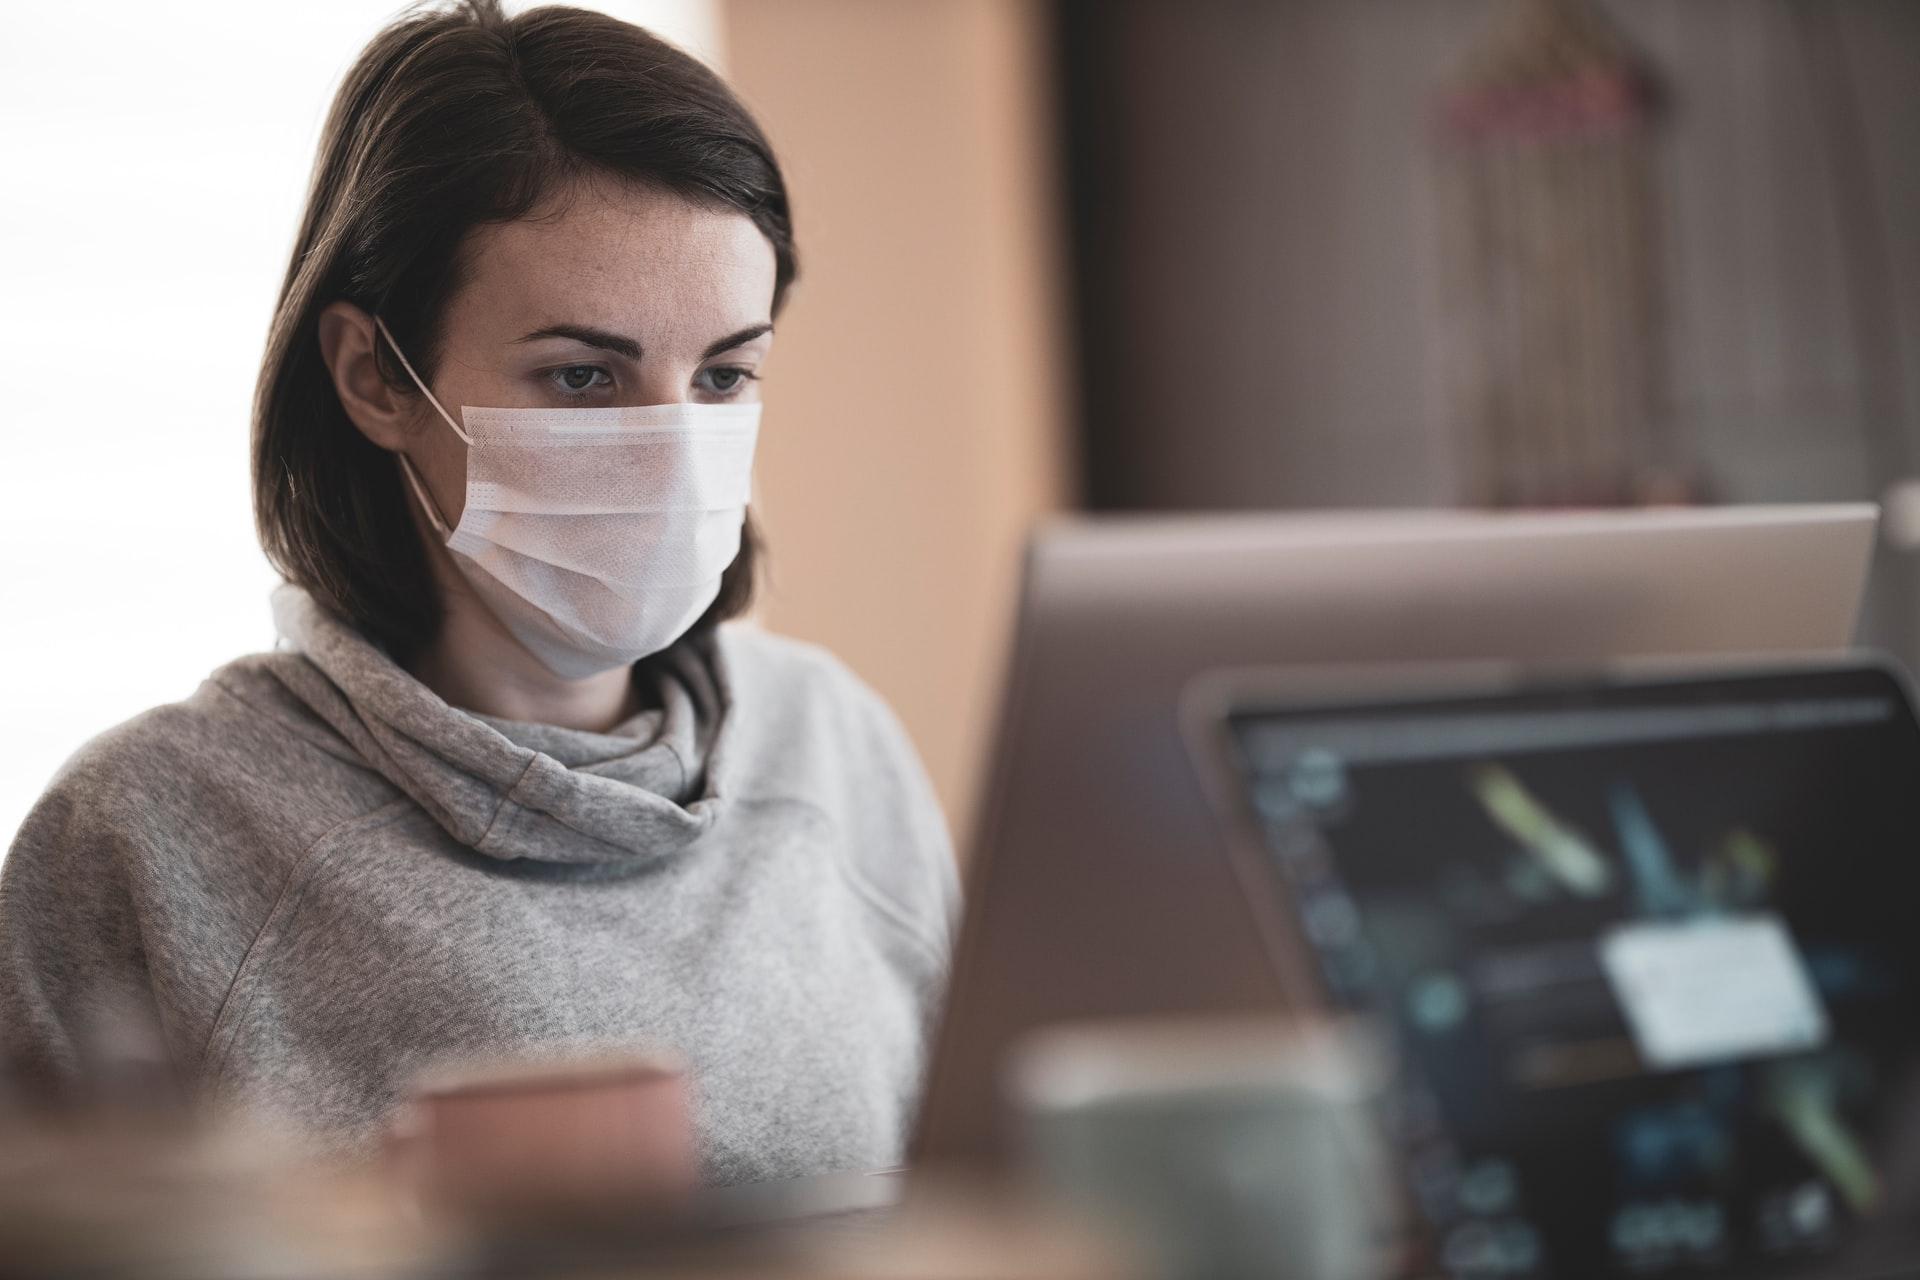 Le relazioni digitali migliorate dalla quarantena: una donna davanti al pc con la mascherina.